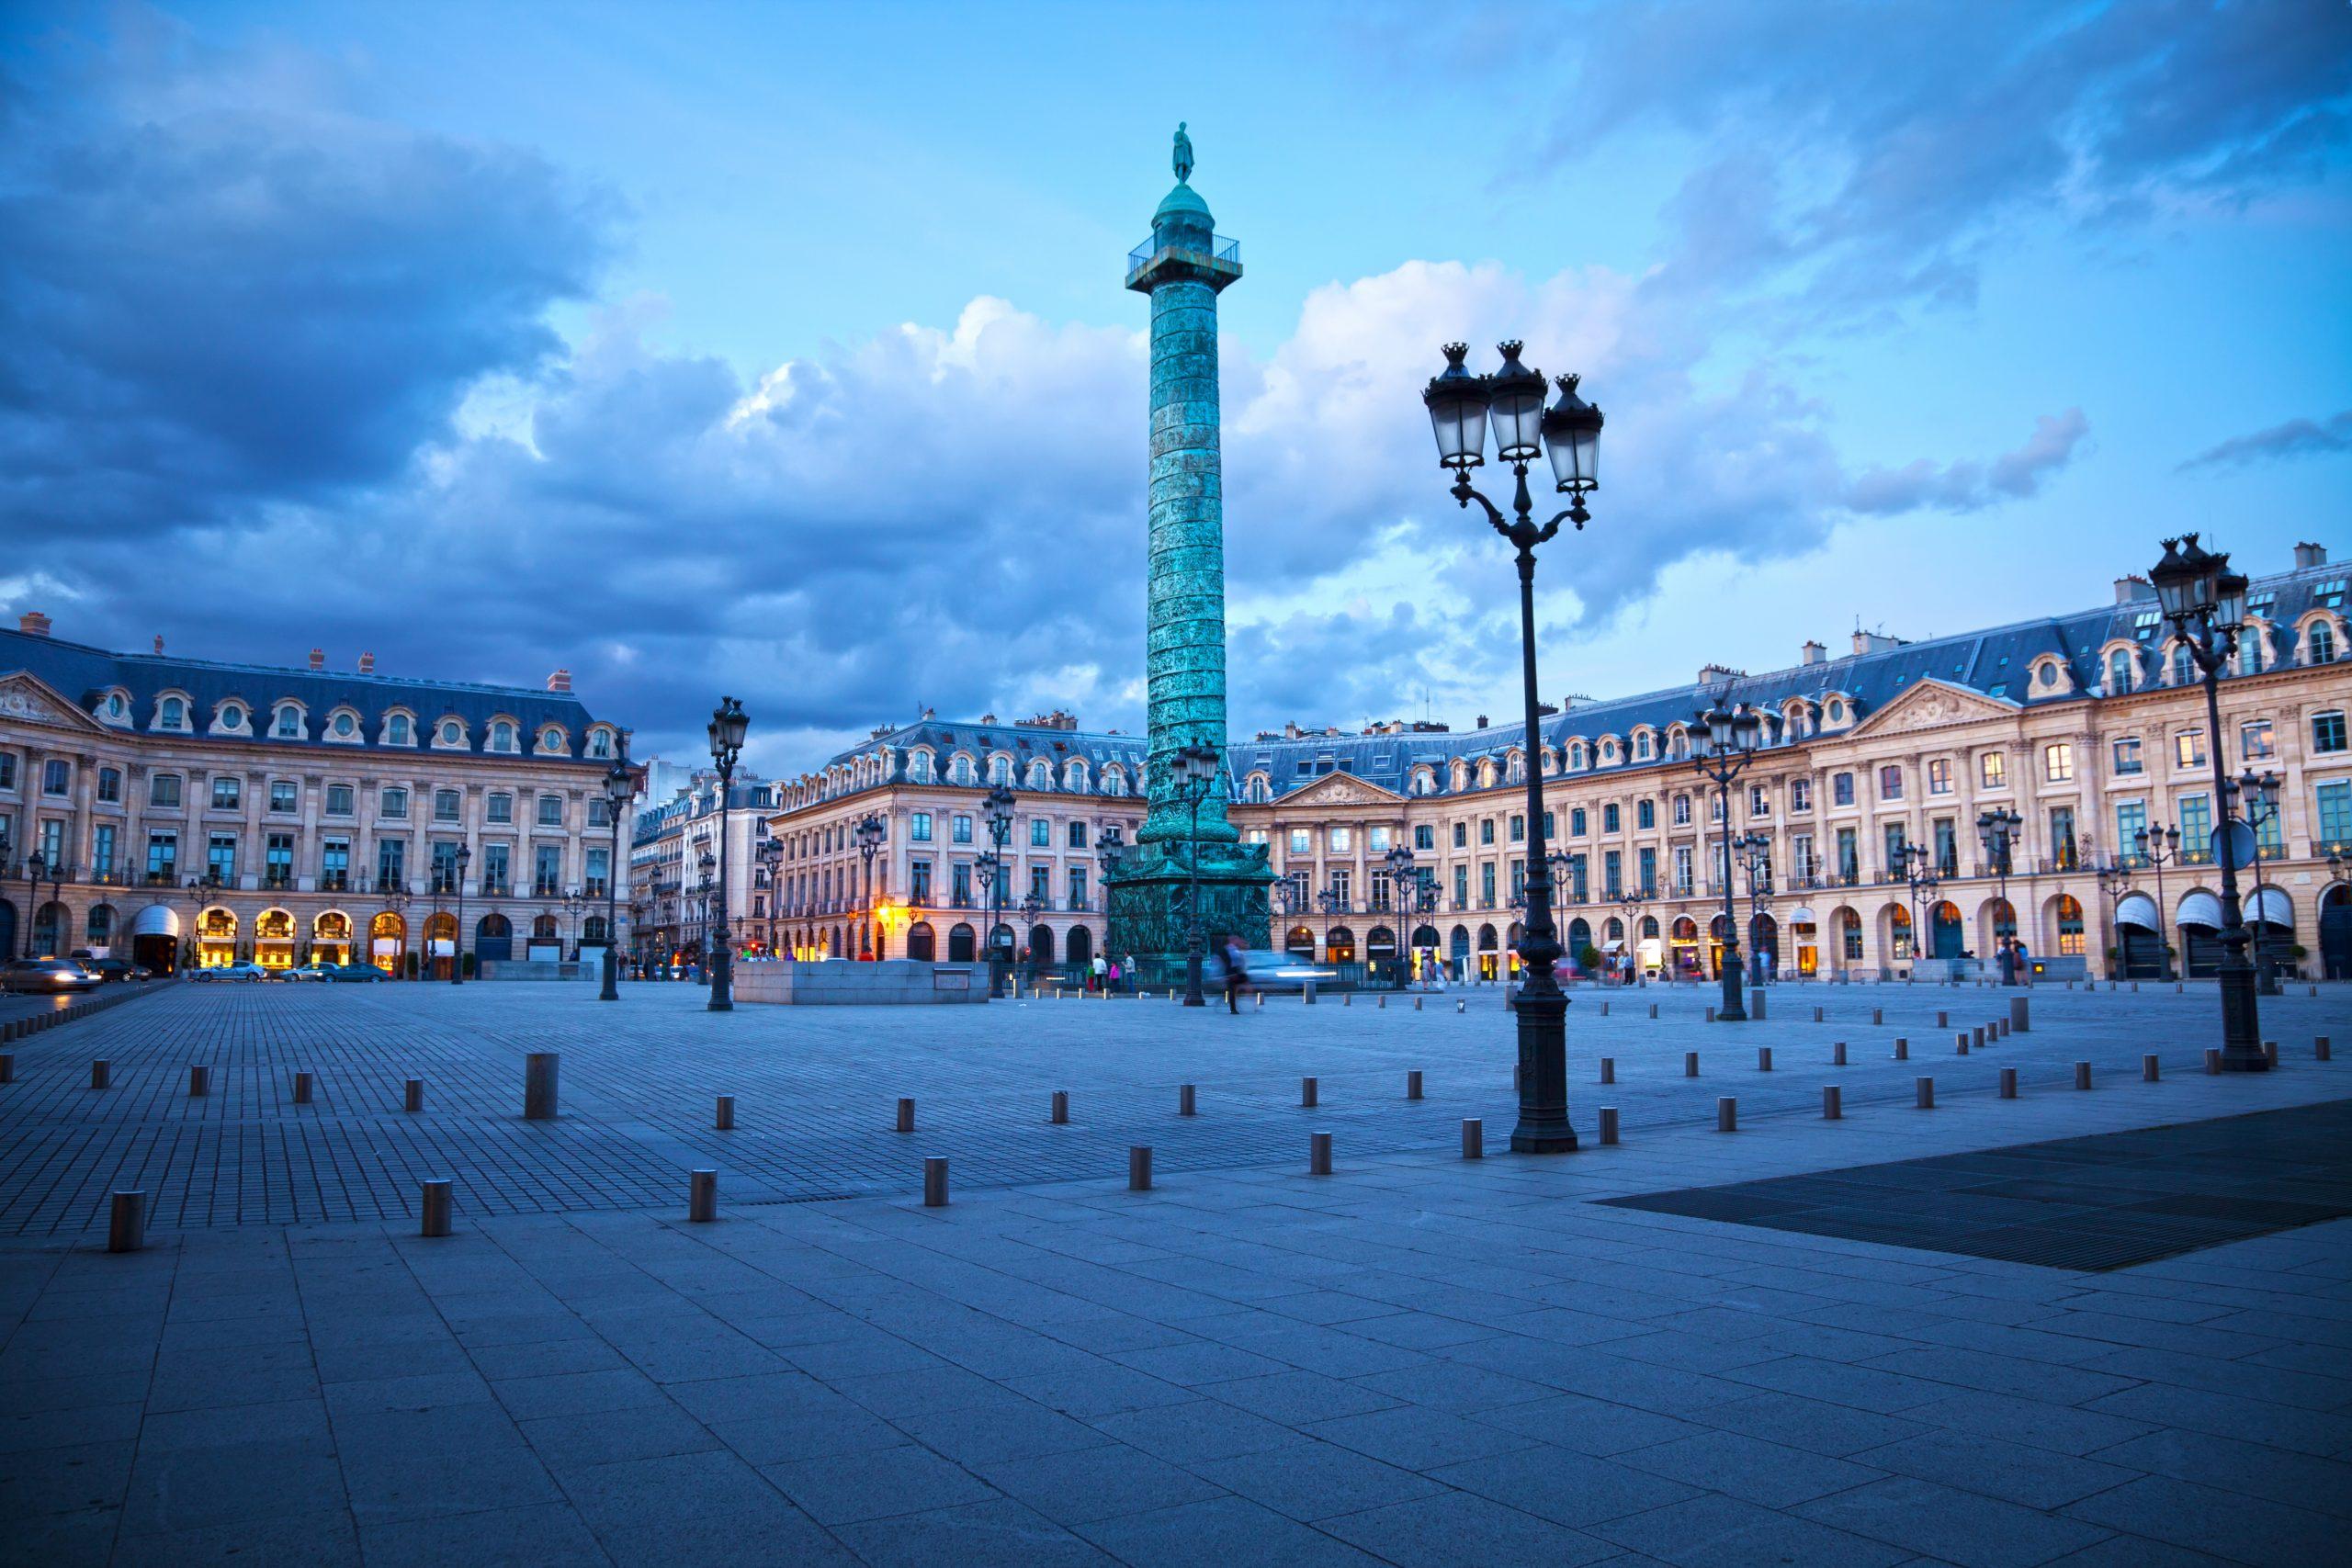 «Le luxe français s'est imposé grâce à l'espionnage industriel»